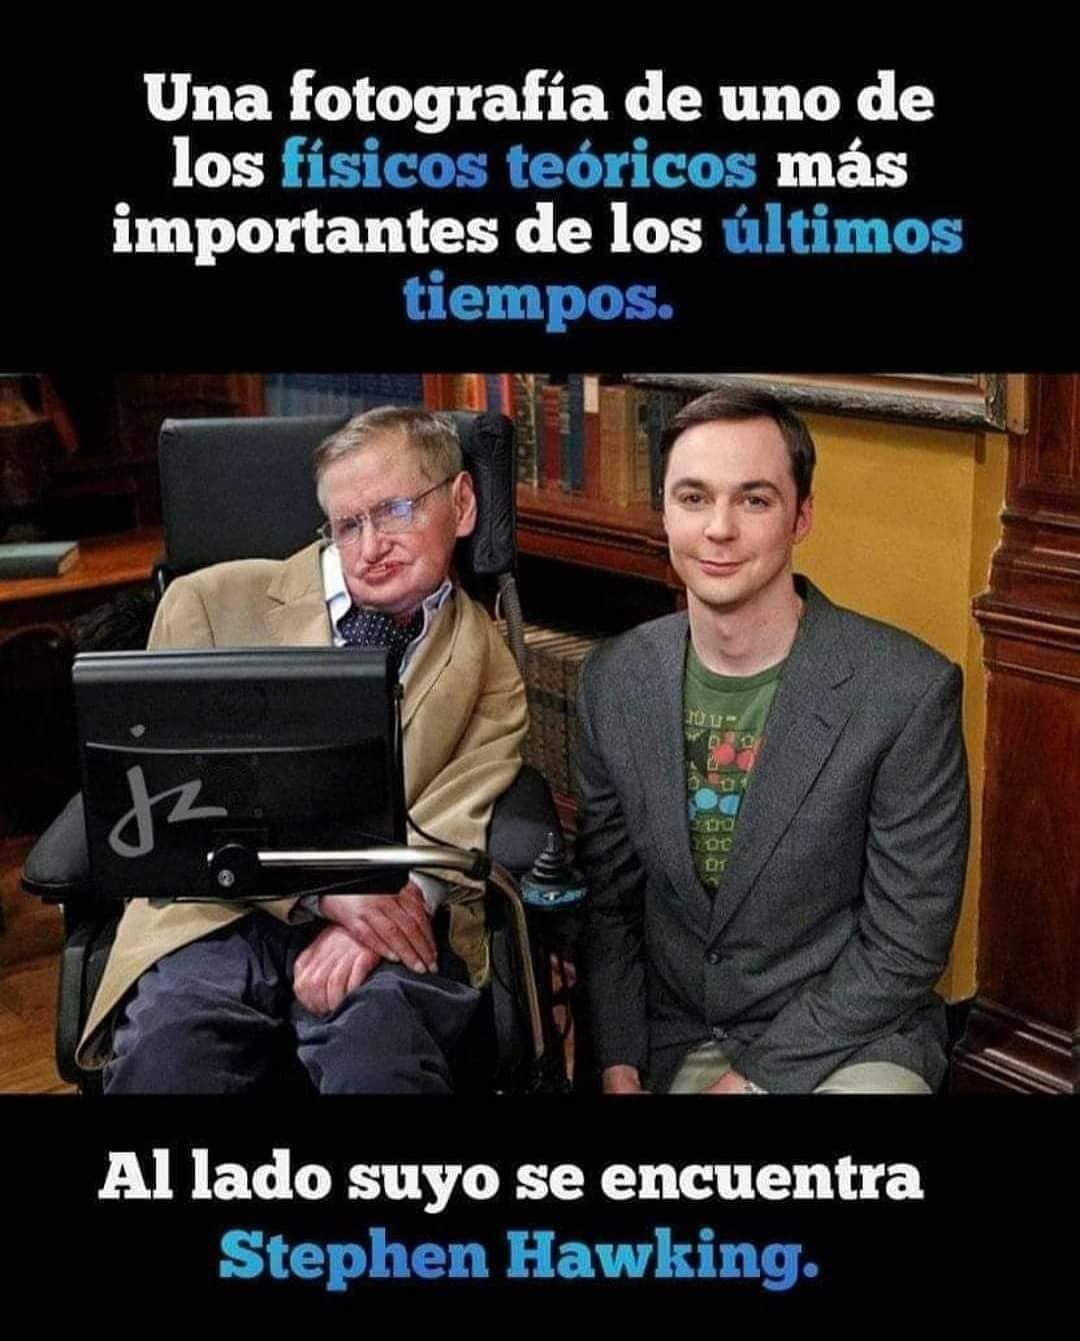 Una fotografía de uno de los físicos teóricos más importantes de los últimos tiempos. Al lado suyo se encuentra Stephen Hawking.